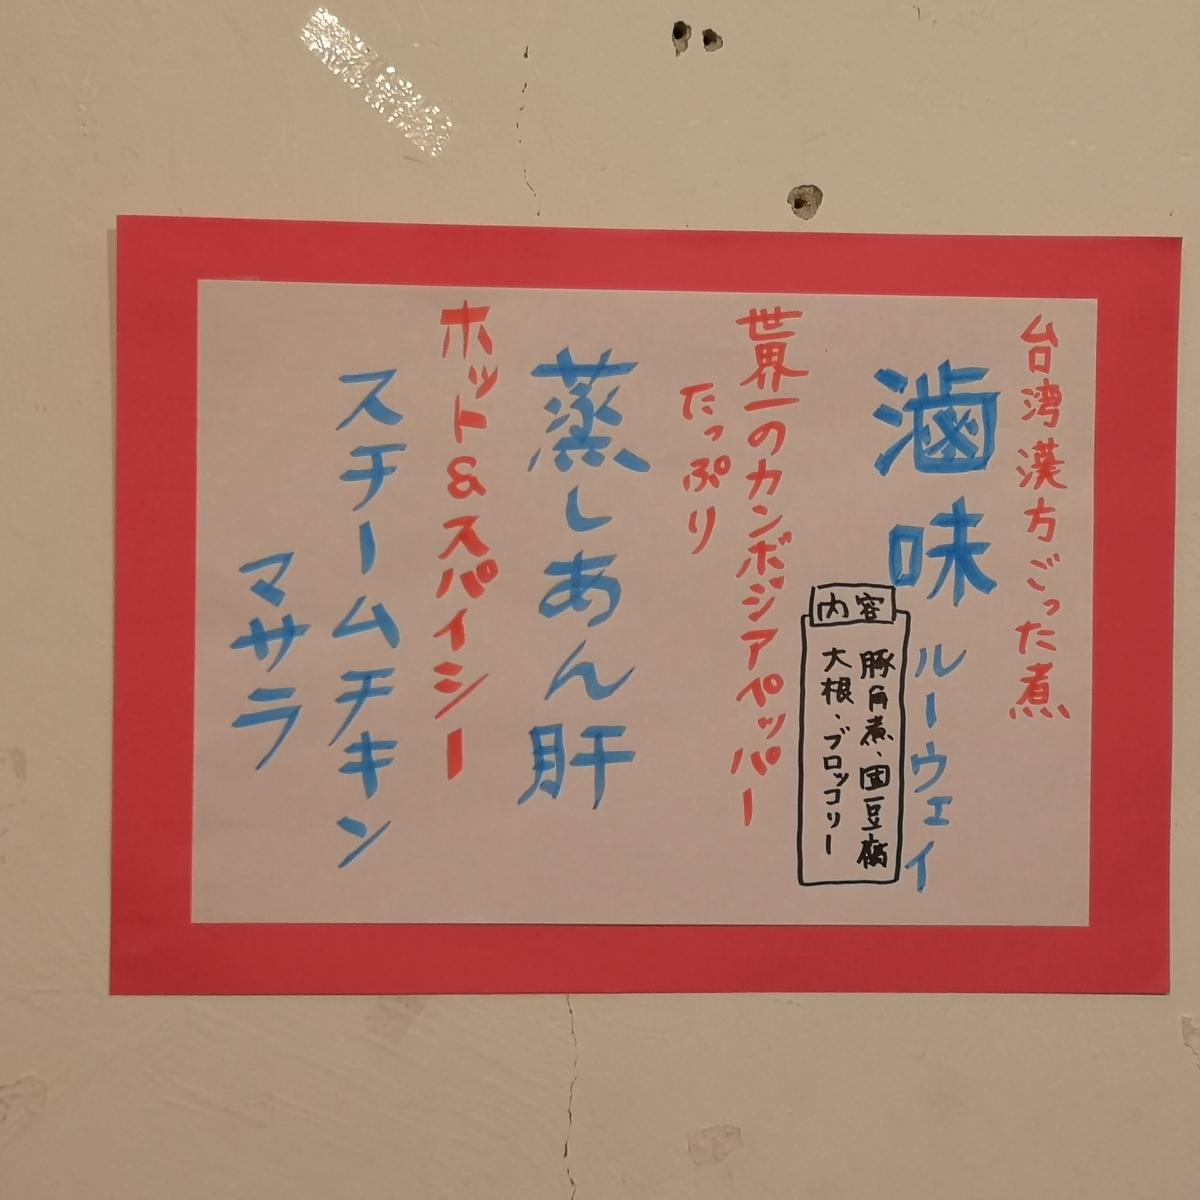 カレー事情聴取スパイス定食&バルVol.7 2019年10月20日 ニャムニャム食堂 メニュー